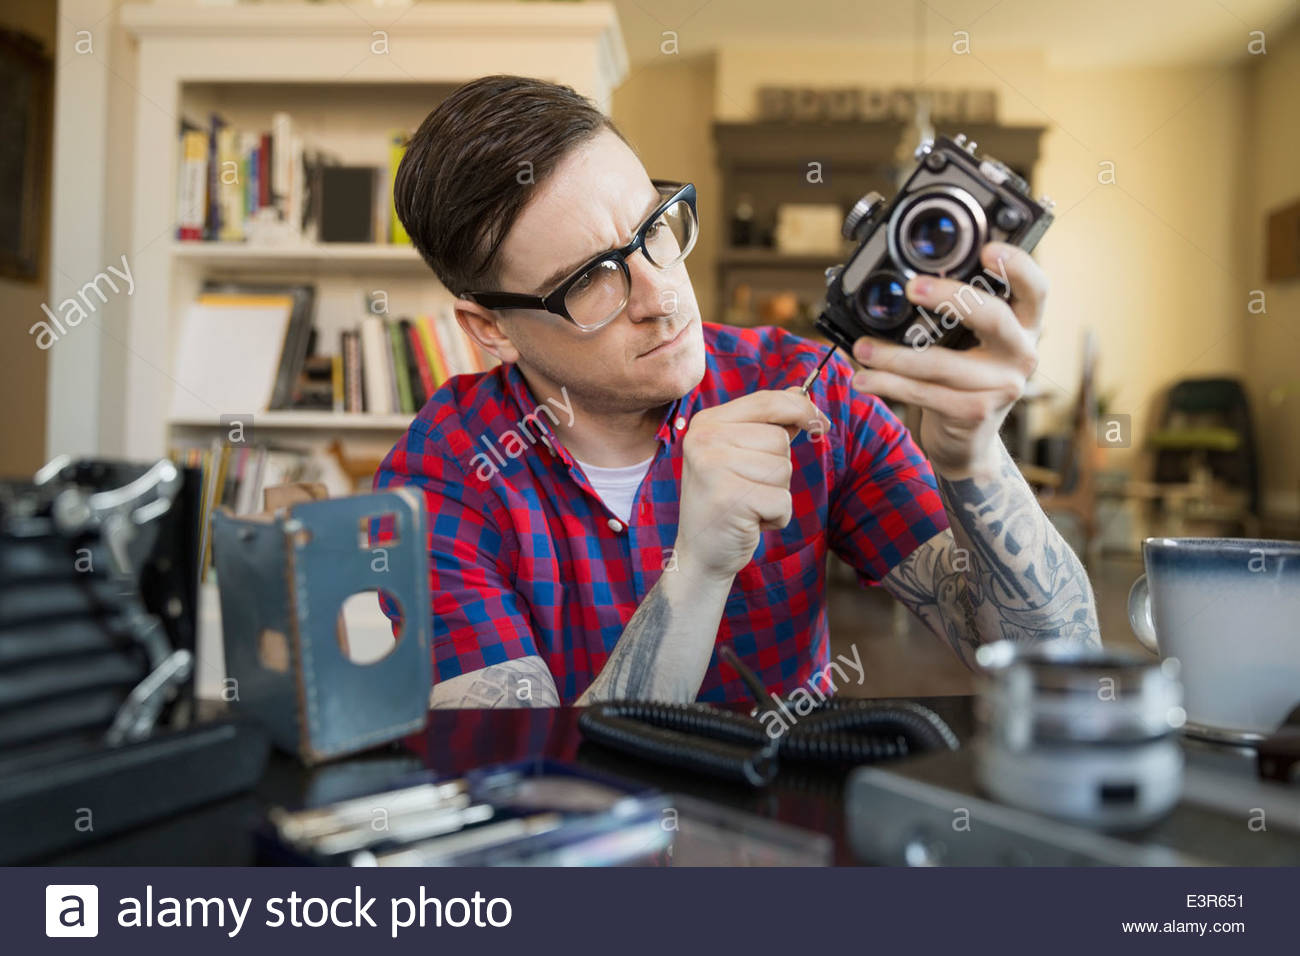 Man repairing antique camera in living room - Stock Image